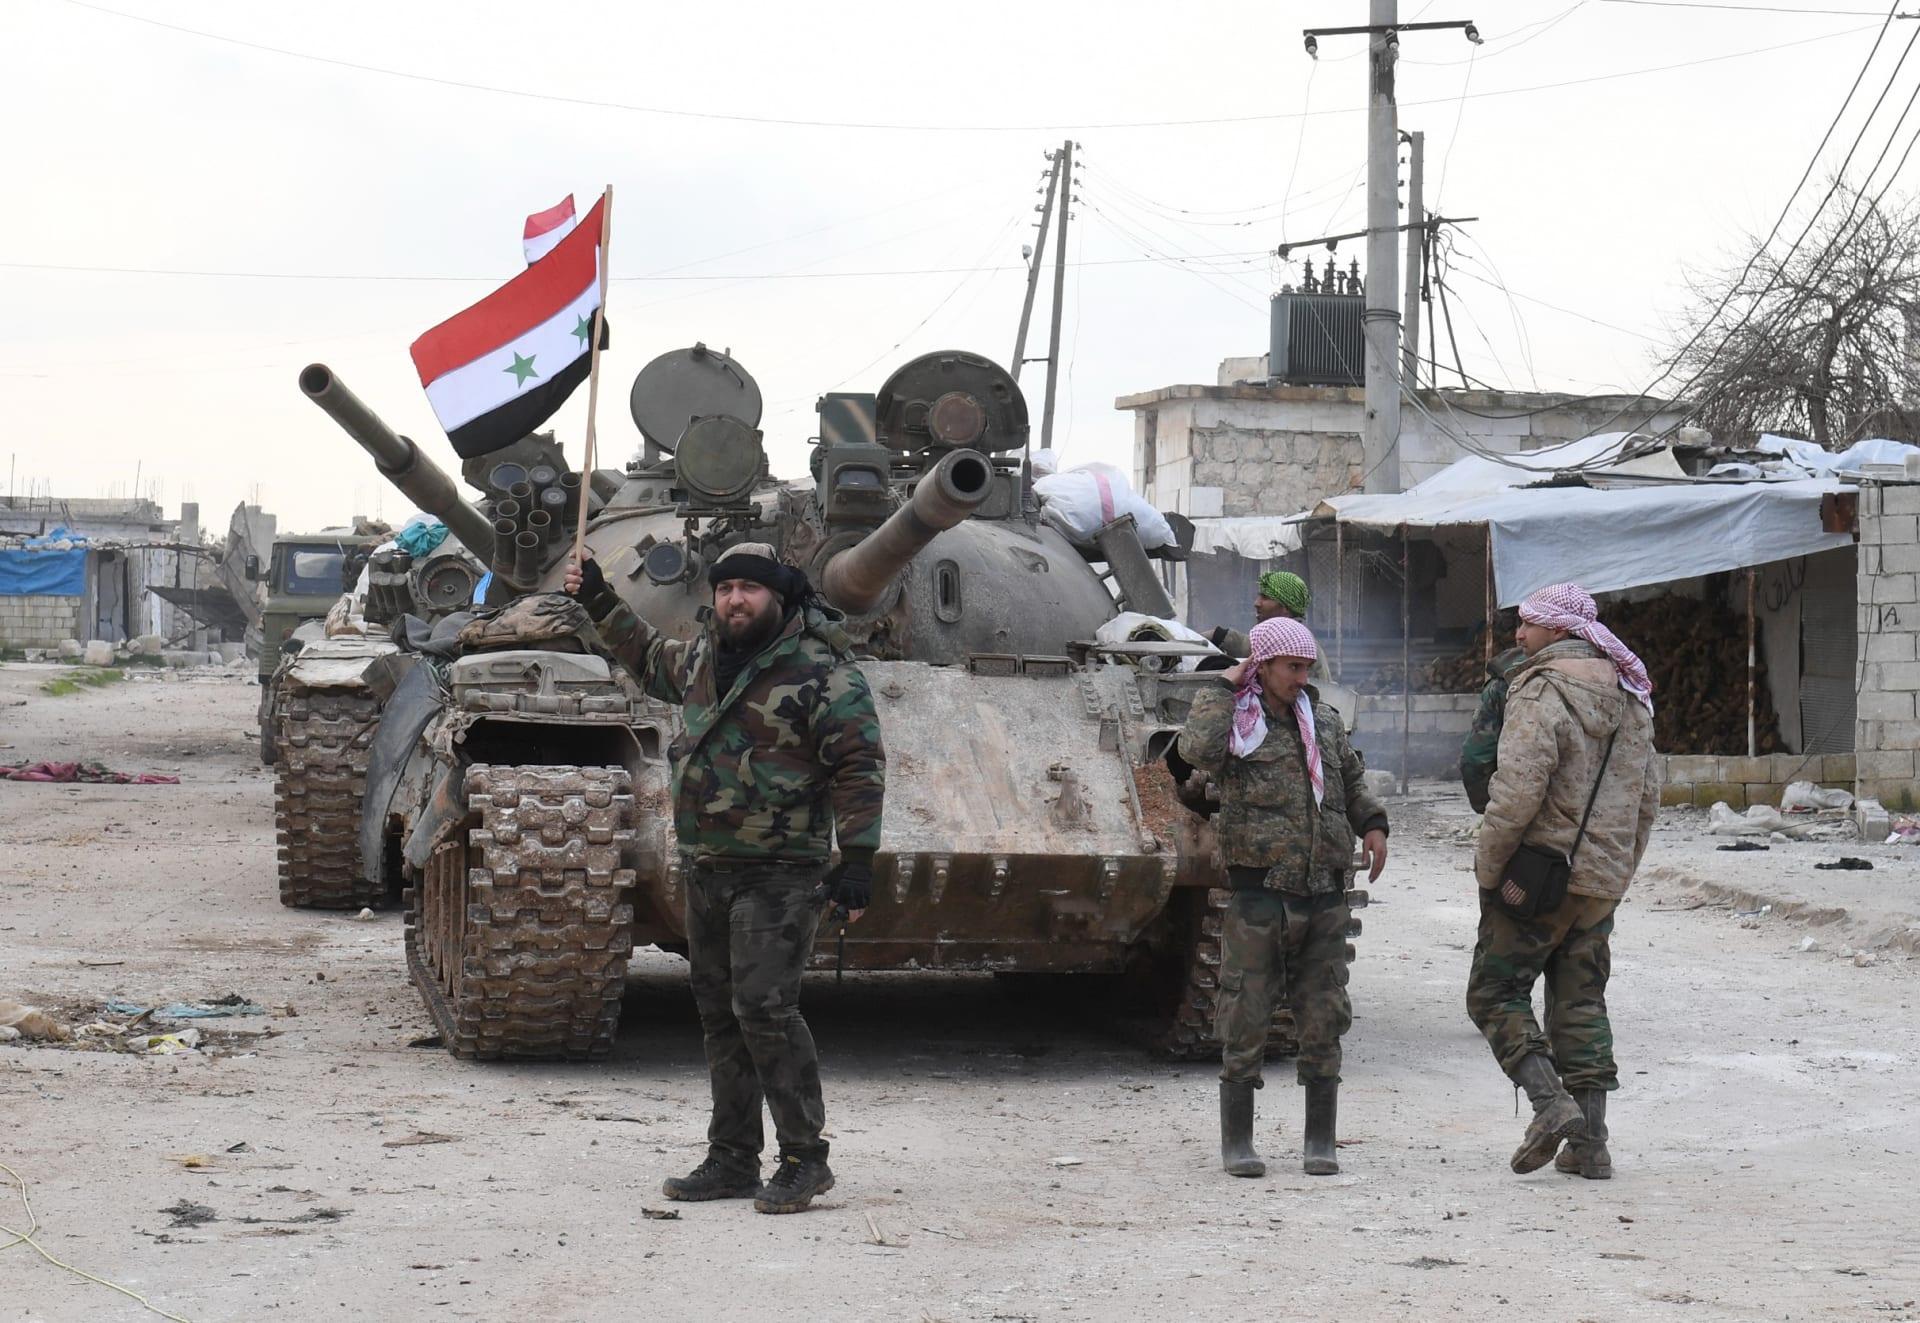 الخارجية السورية ردا على تقرير حظر الأسلحة الكيميائية: مضلل واعتمد على مصادر أعدتها جبهة النصرة